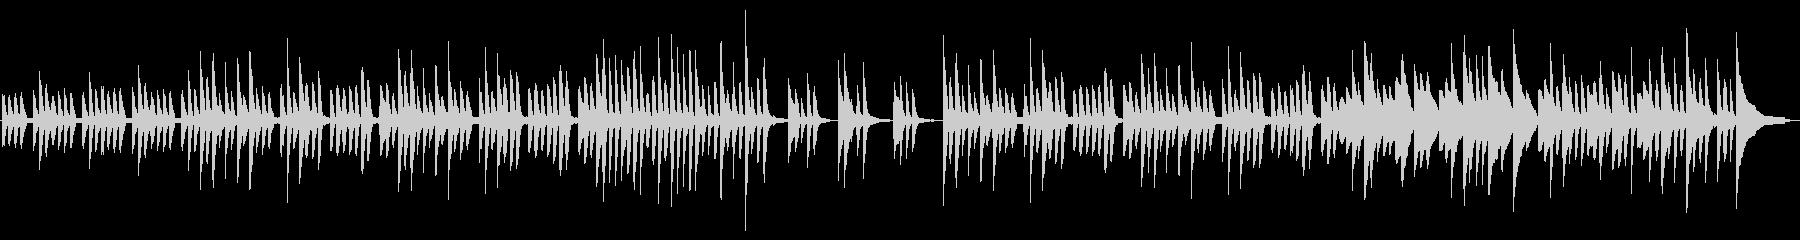 可愛らしい日常系ピアノの未再生の波形